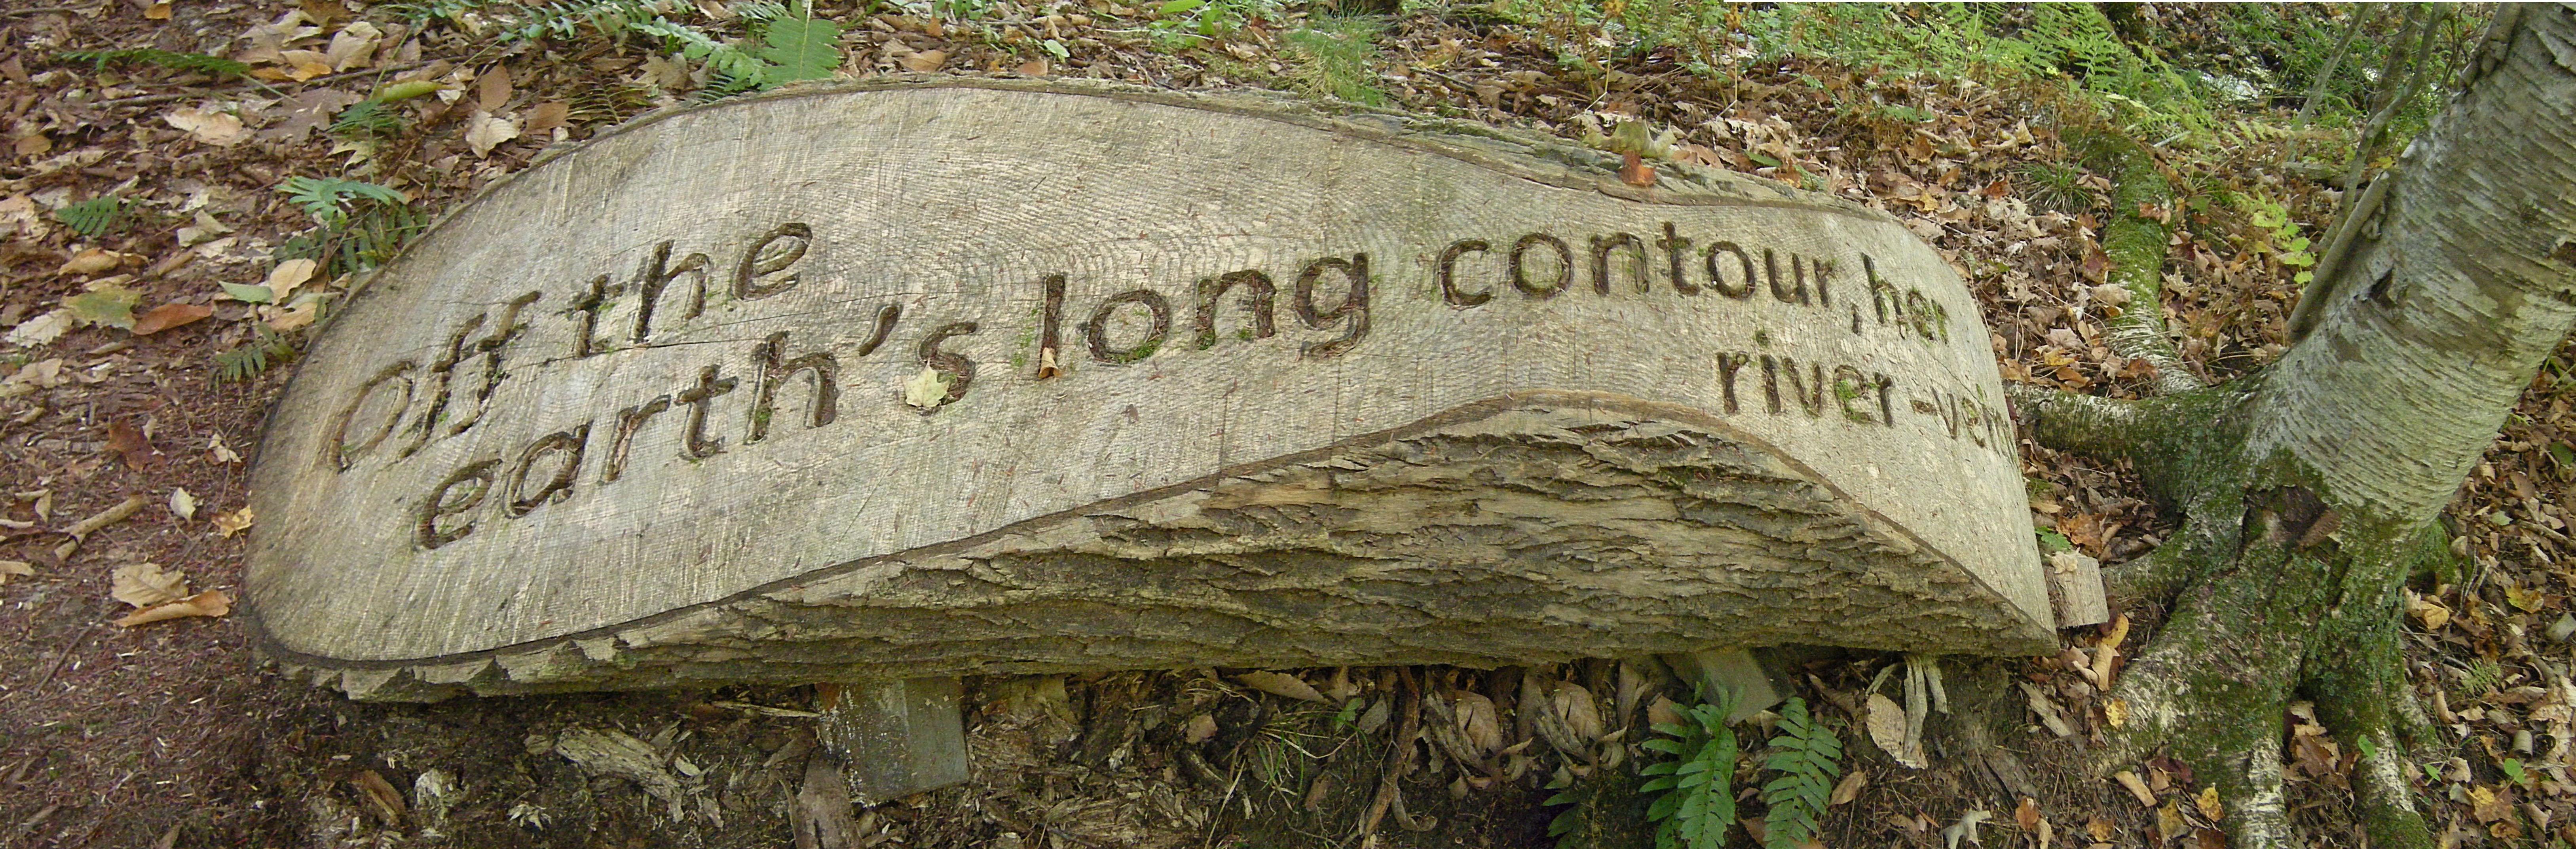 Poem inscribed on log